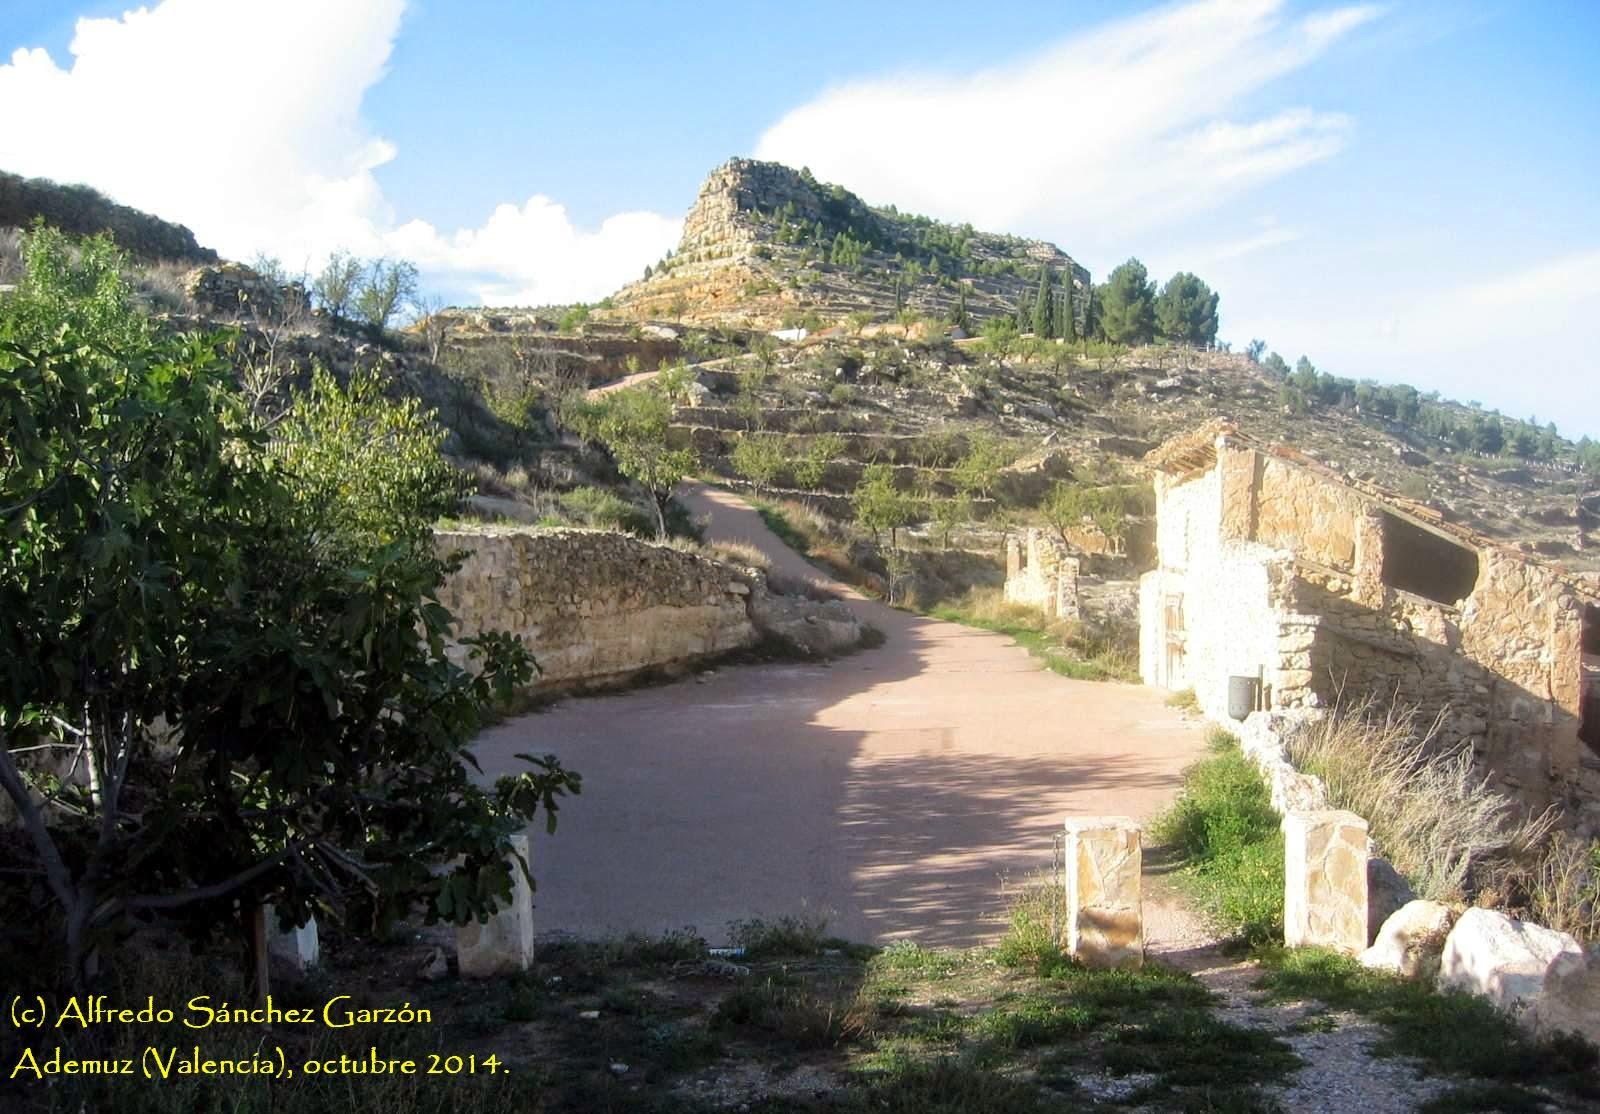 castillo-ademuz-cementerio